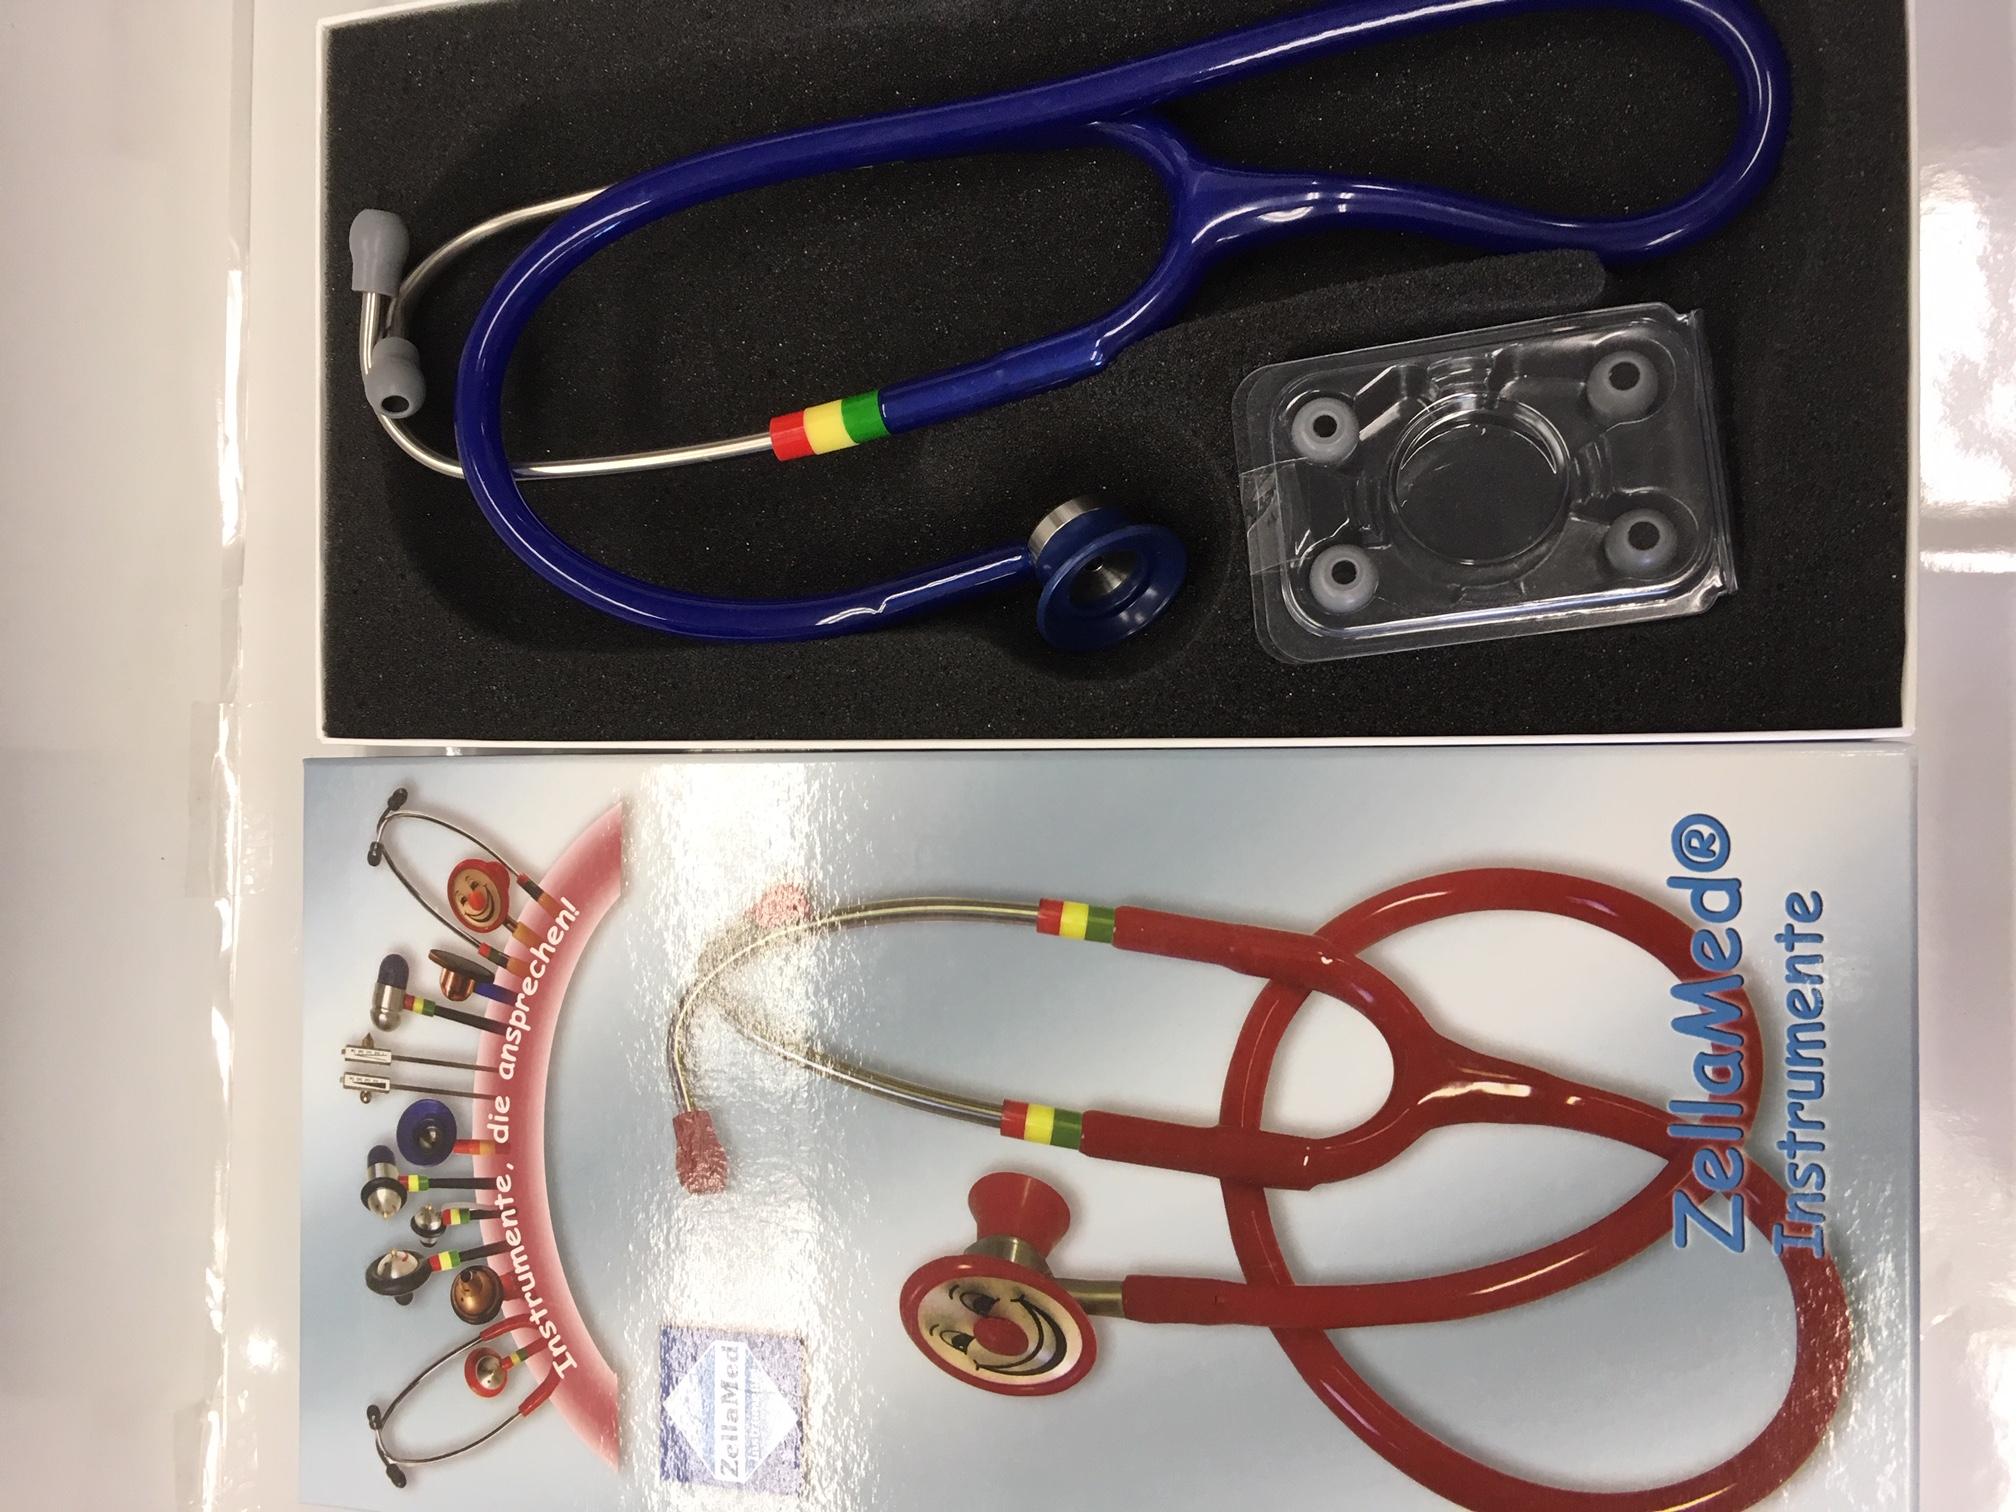 Trabant Stethoscope